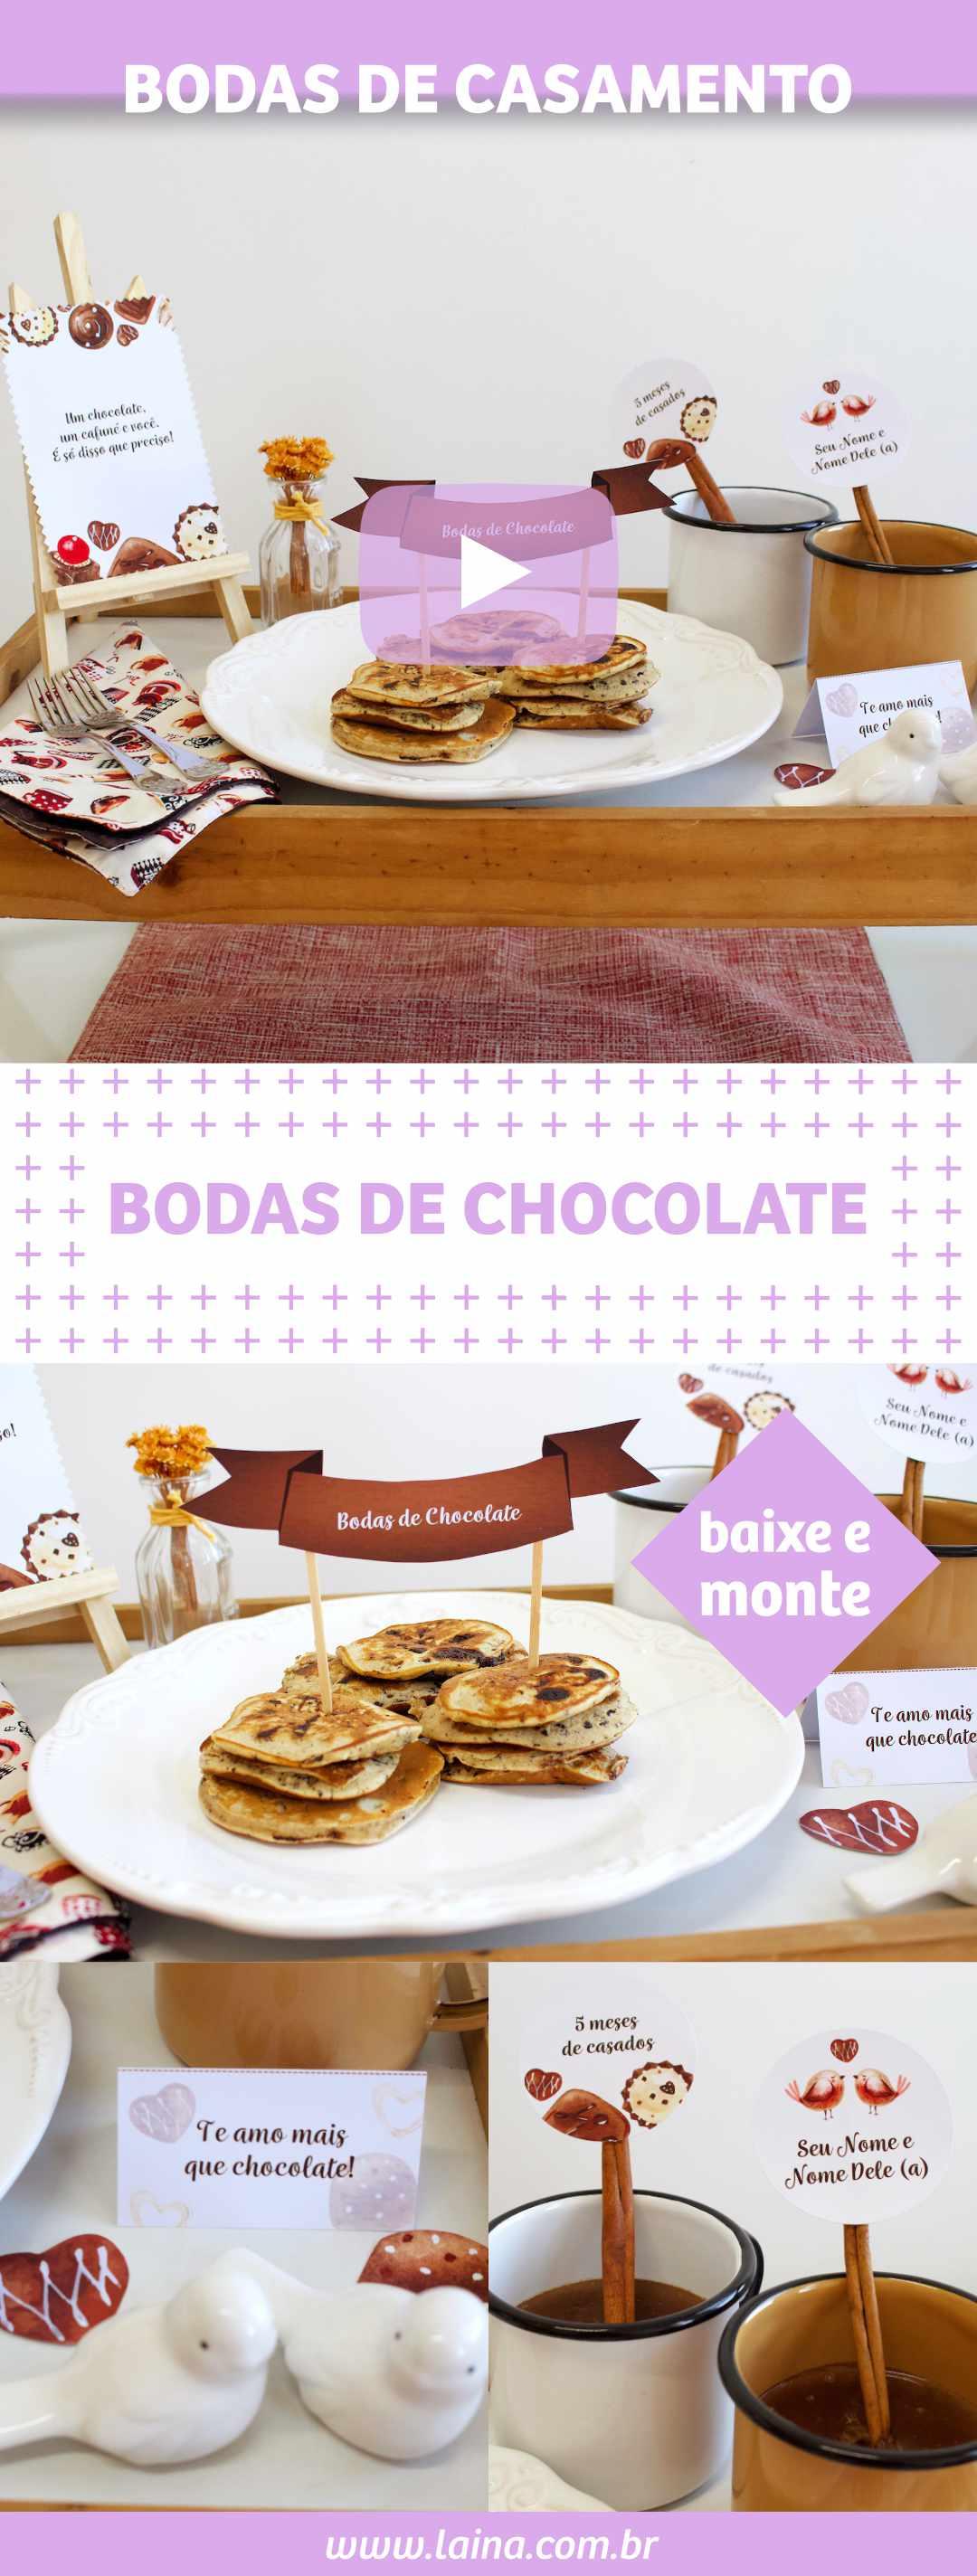 BODAS DE CHOCOLATE - Comemorando 5 meses de casados com CAFÉ DA MANHÃ ROMÂNTICO